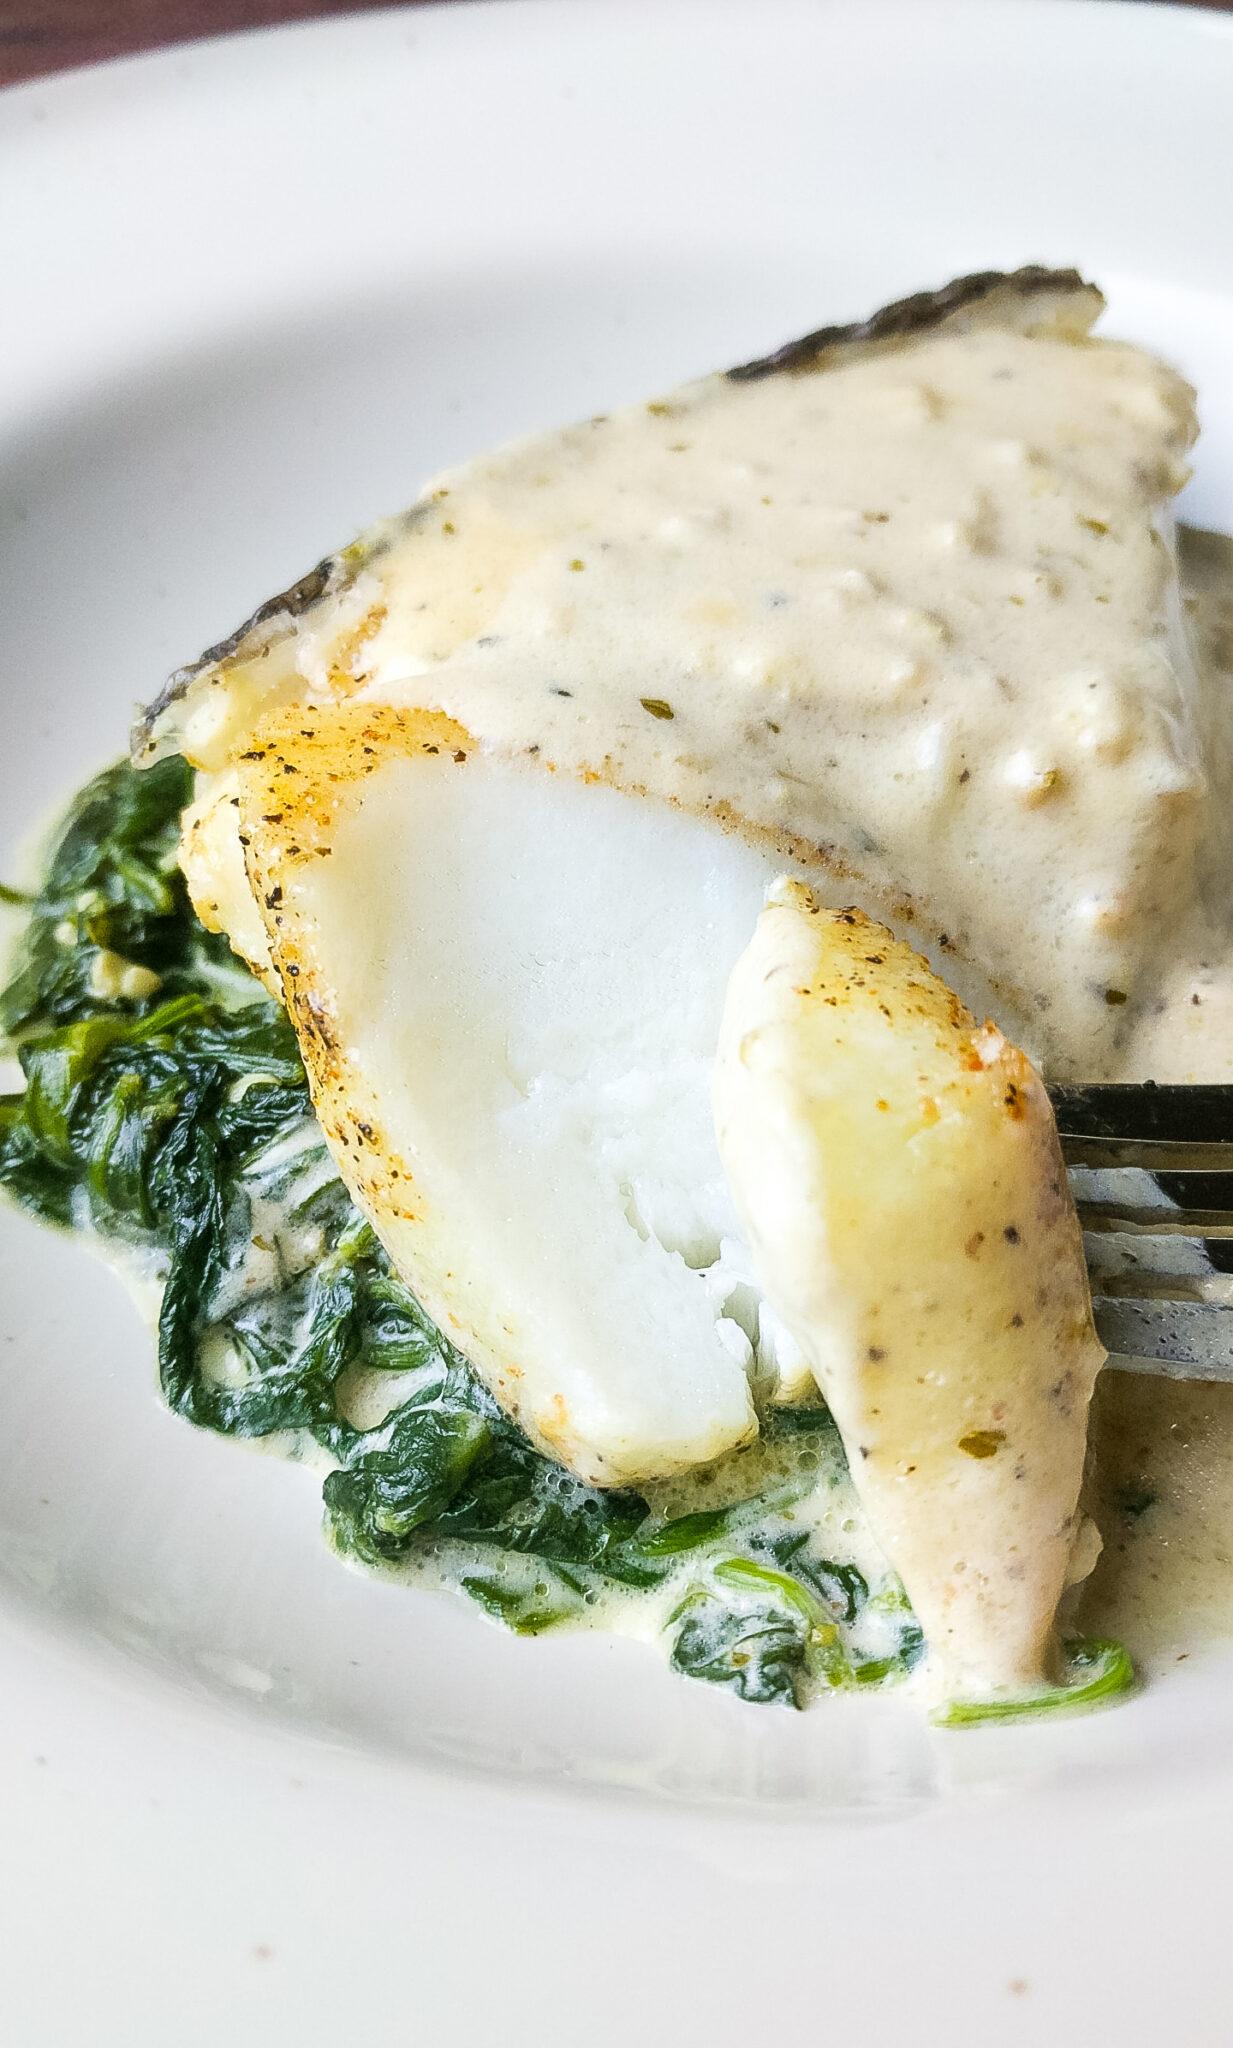 Foil Baked Chilean Sea Bass with Lemon Parmesan Cream Sauce